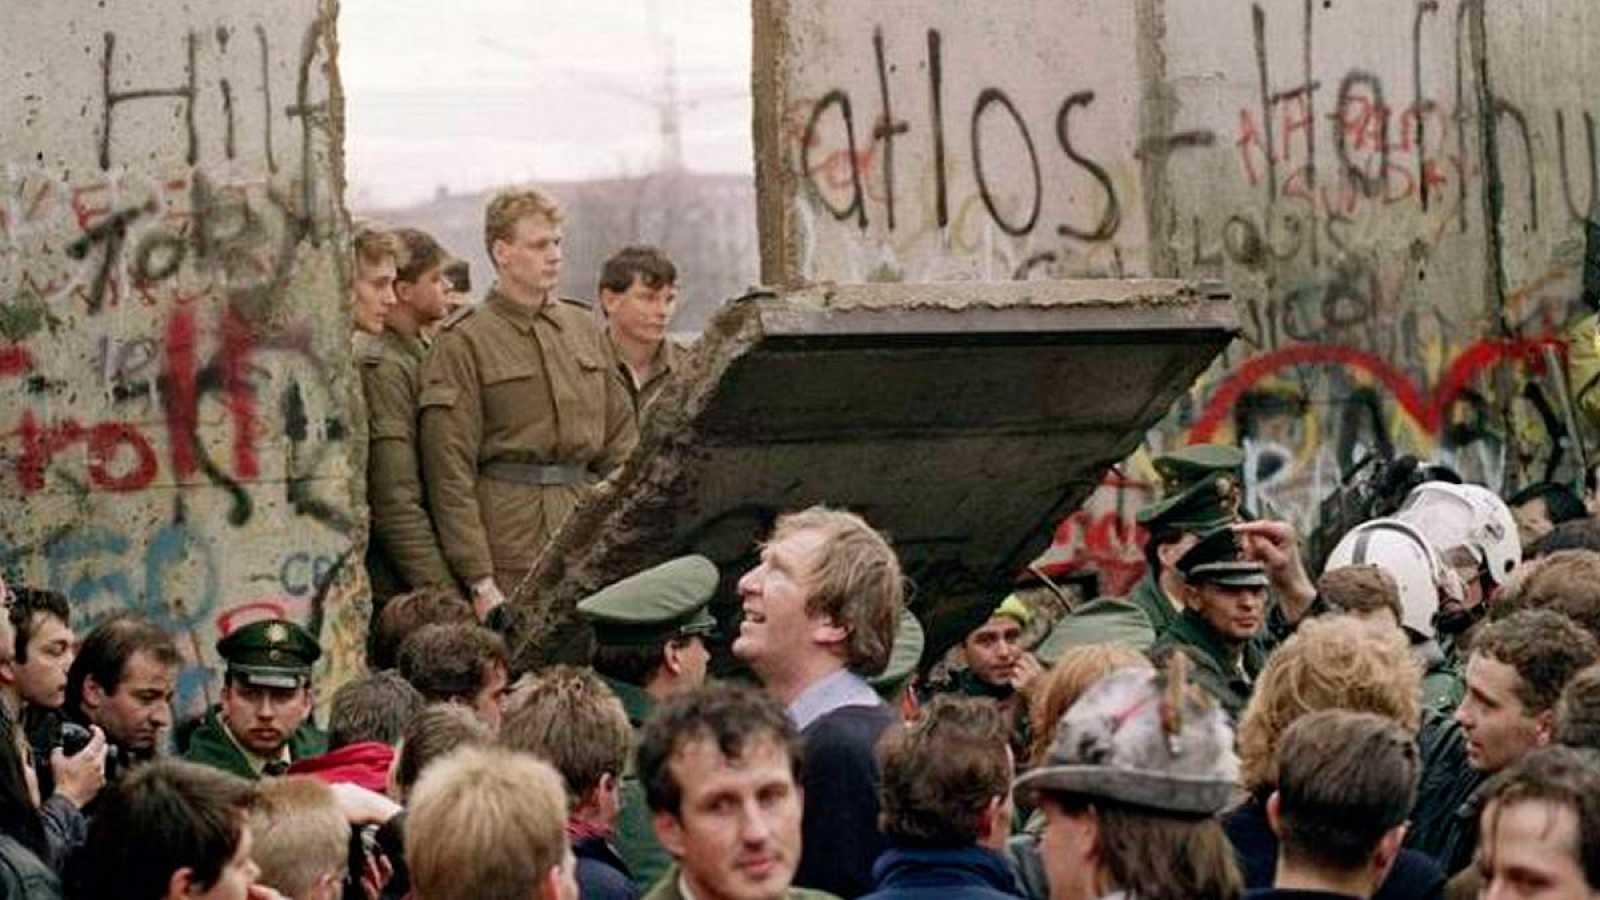 La mañana del 10 de noviembre de 1989, en Berlín